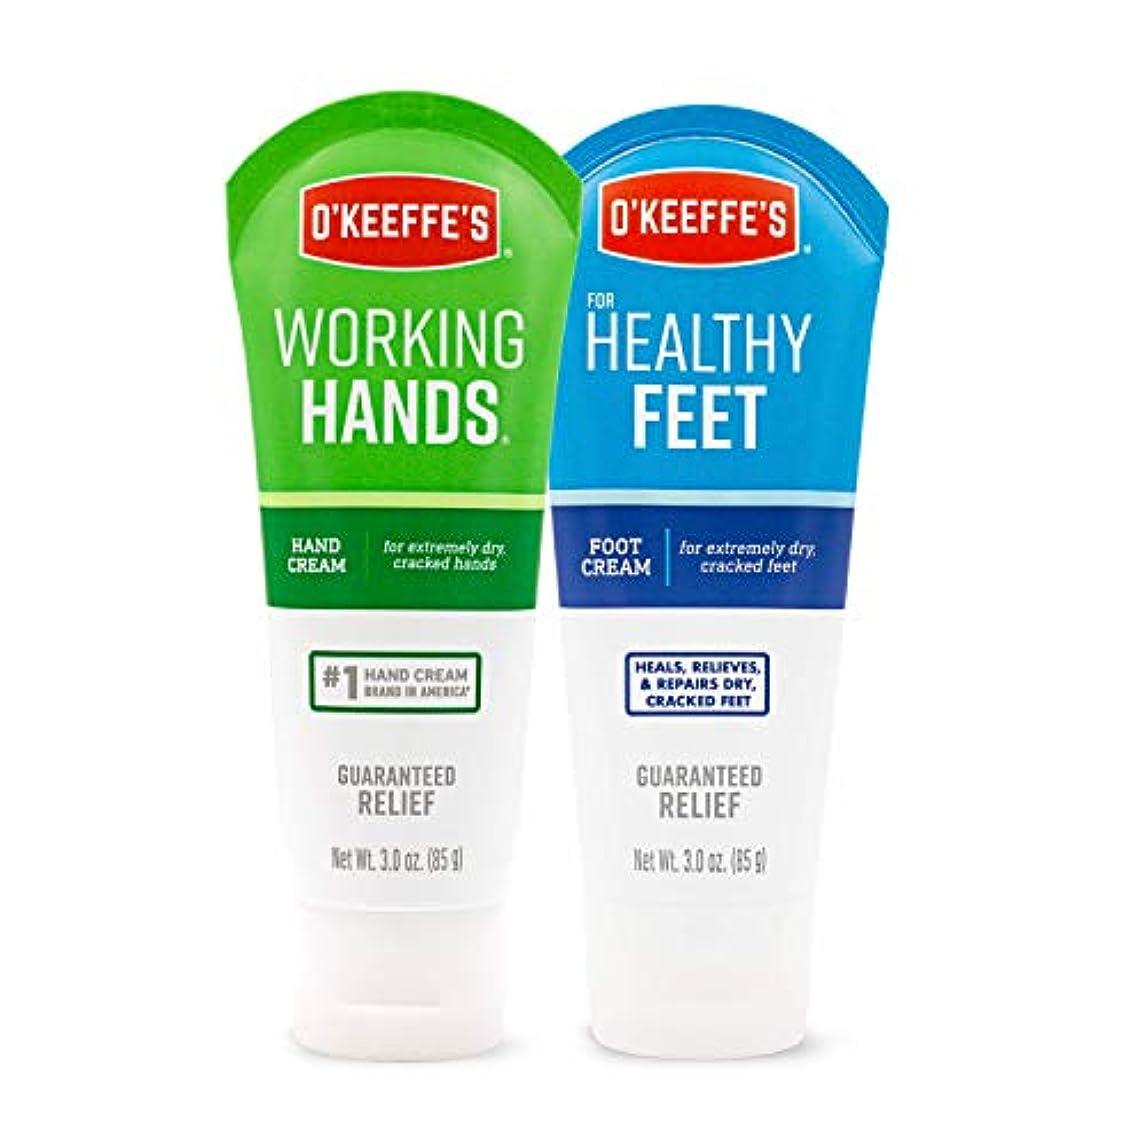 すりテレビ失態オキーフス ワーキングハンドクリーム &フィートクリームチューブ  85g 各1(合計2点)(並行輸入品) O'Keeffe's Working Hand & Feet Tube Cream 3oz 1 each